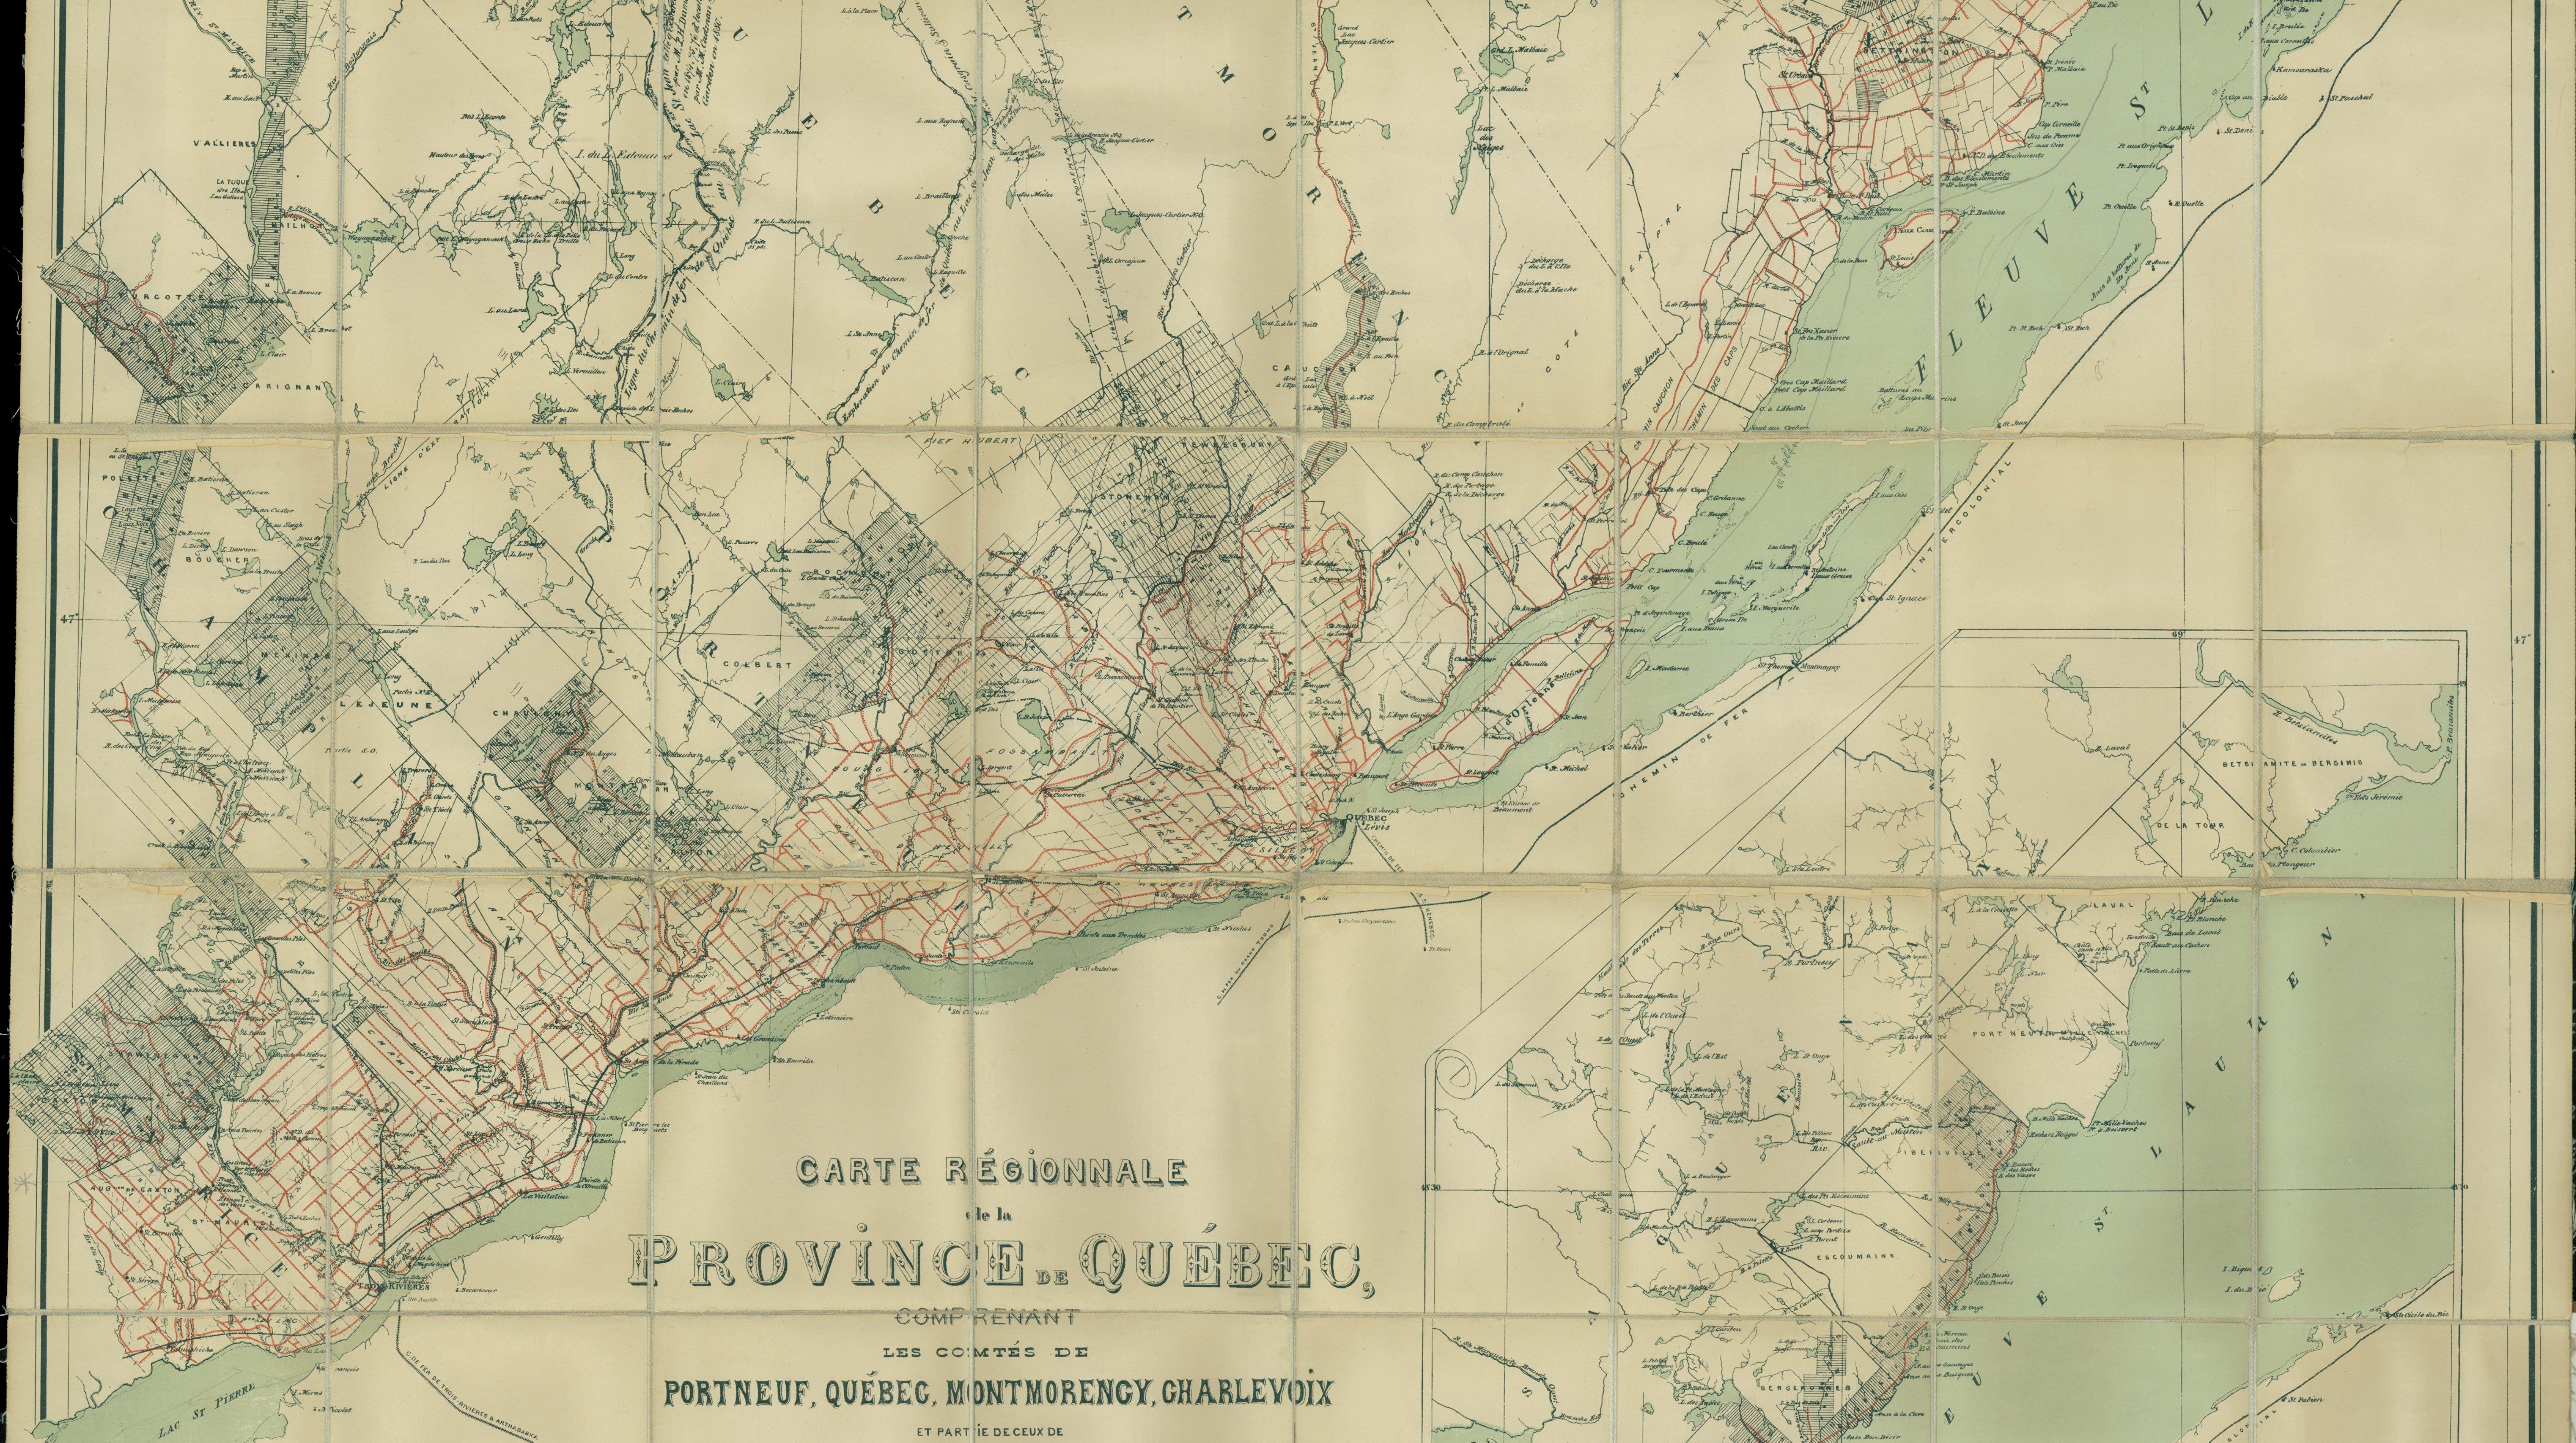 Carte régionale de la province de Québec, 1880, BANQ